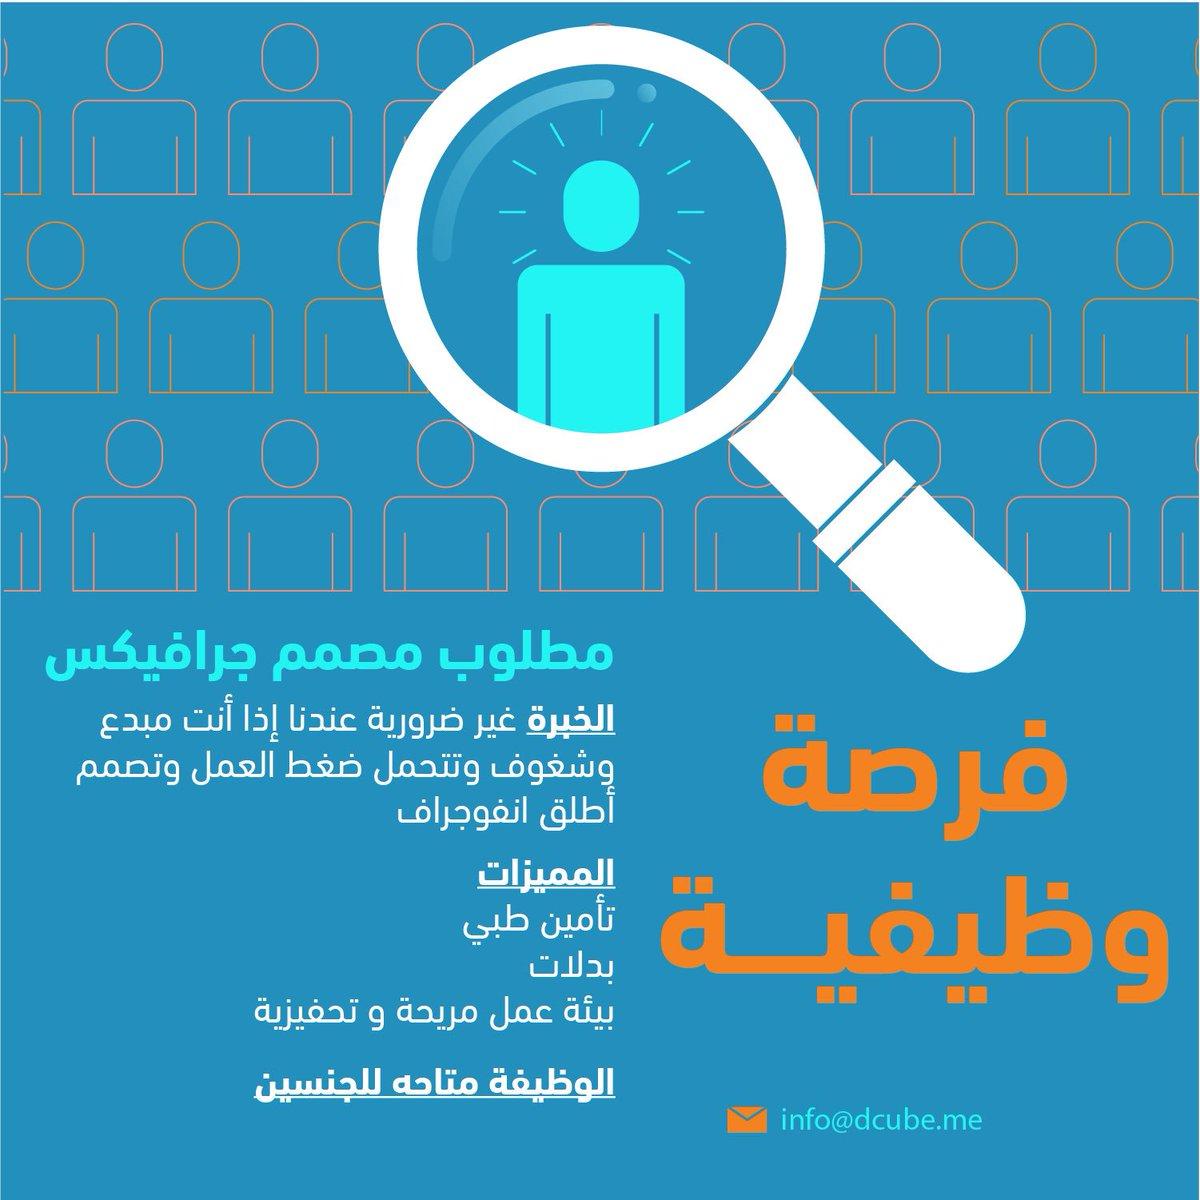 فرص وظيفية للكفاءات السعودية فقط مصمم في مدينة الرياض للمبدعات والمبدعين يرجى إرسال السيرة الذاتية واعمالك على الايميل